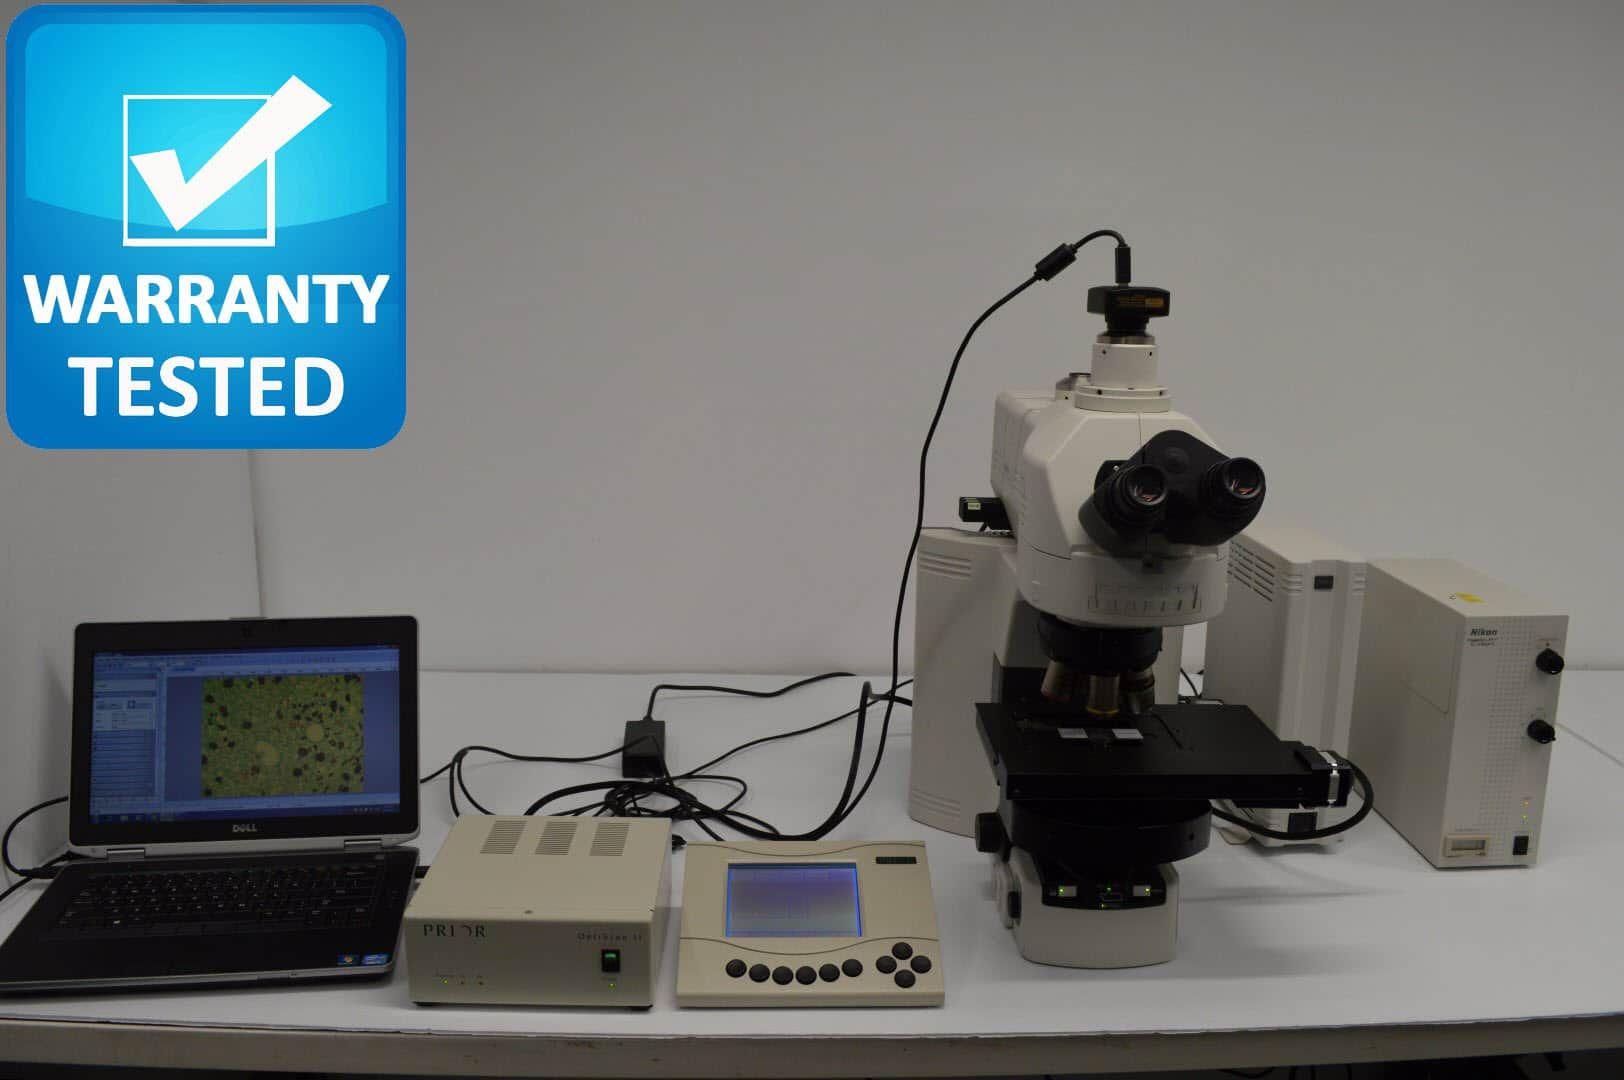 Nikon 90i Motorized Fluorescence Microscope Pred. Ni-E